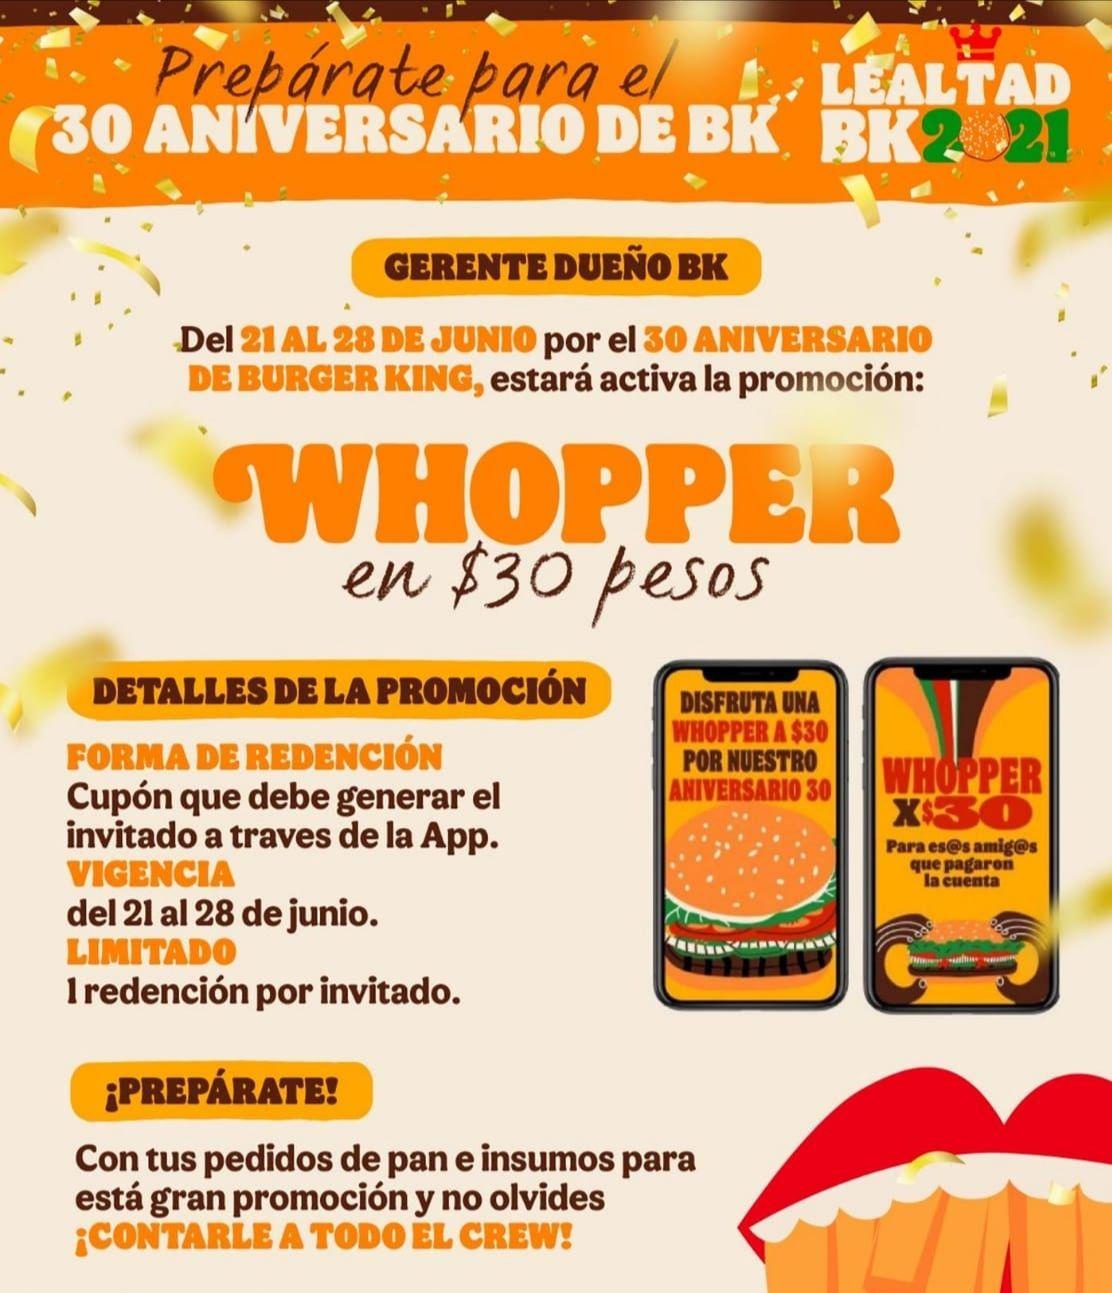 Burger King app, Whooper $30 del día 21 al 28 de junio